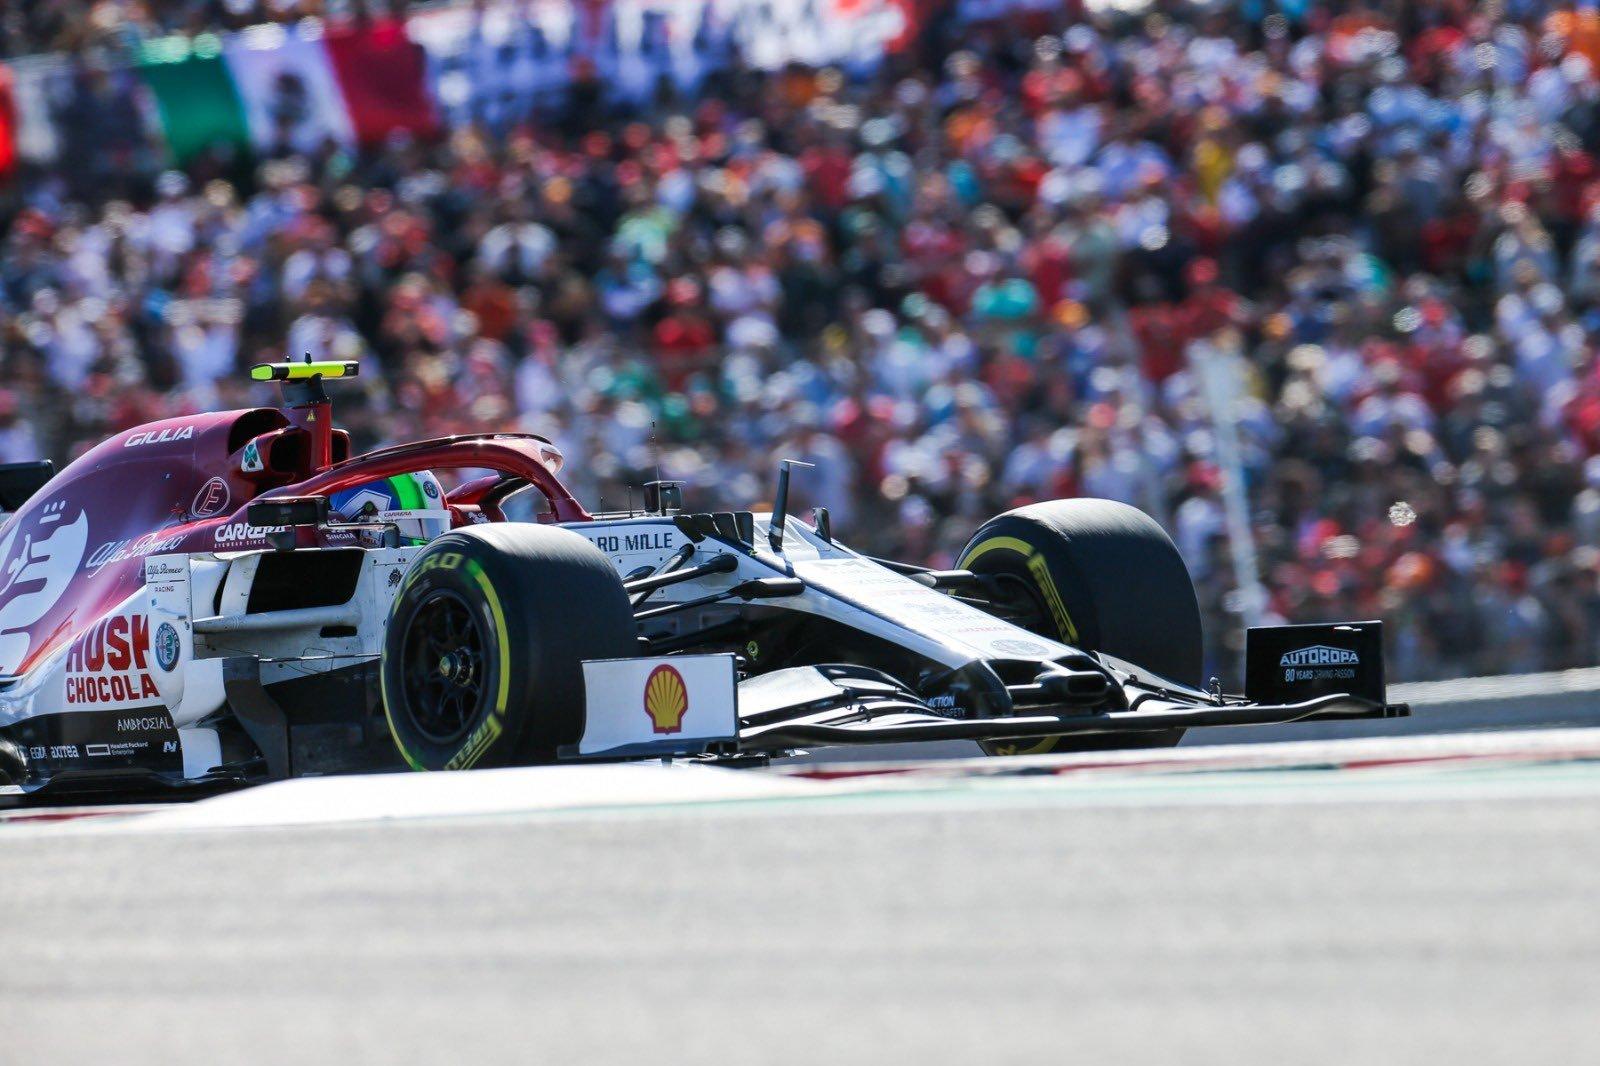 El piloto italiano volverá a ser compañero de Räikkönen para el Mundial del próximo